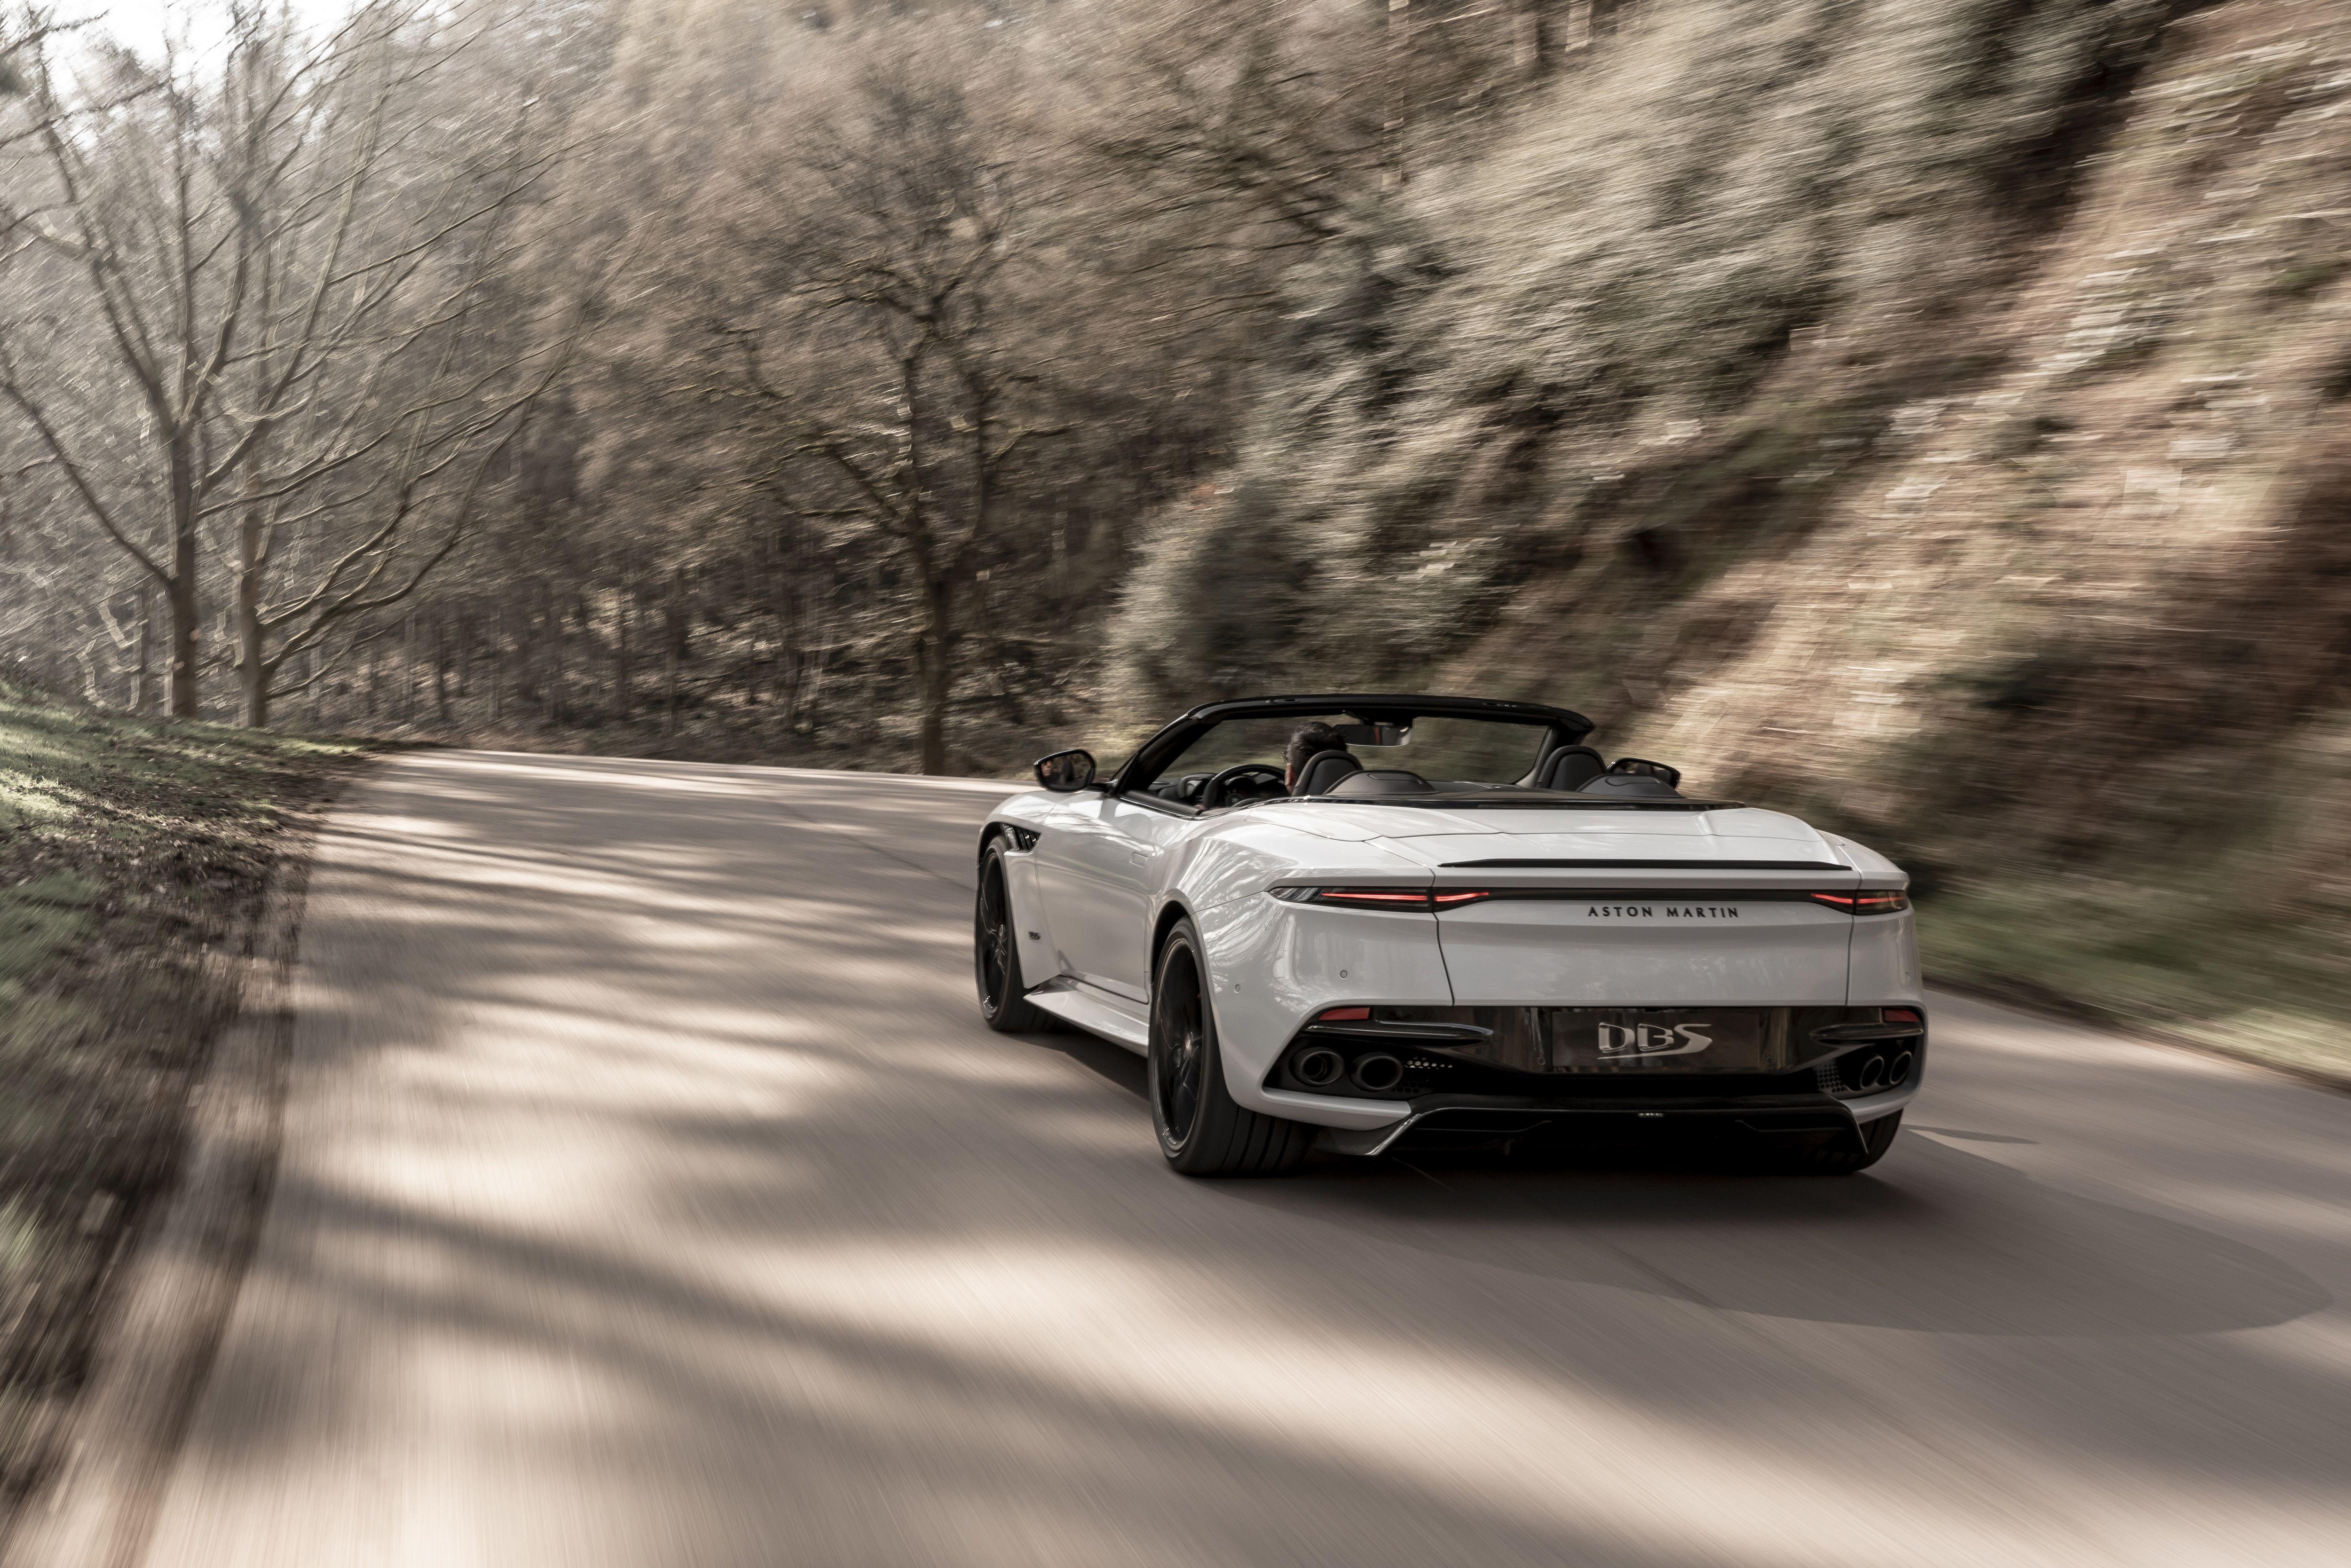 2020 Aston Martin Dbs Superleggera Volante 211 Mph Gt Convertible